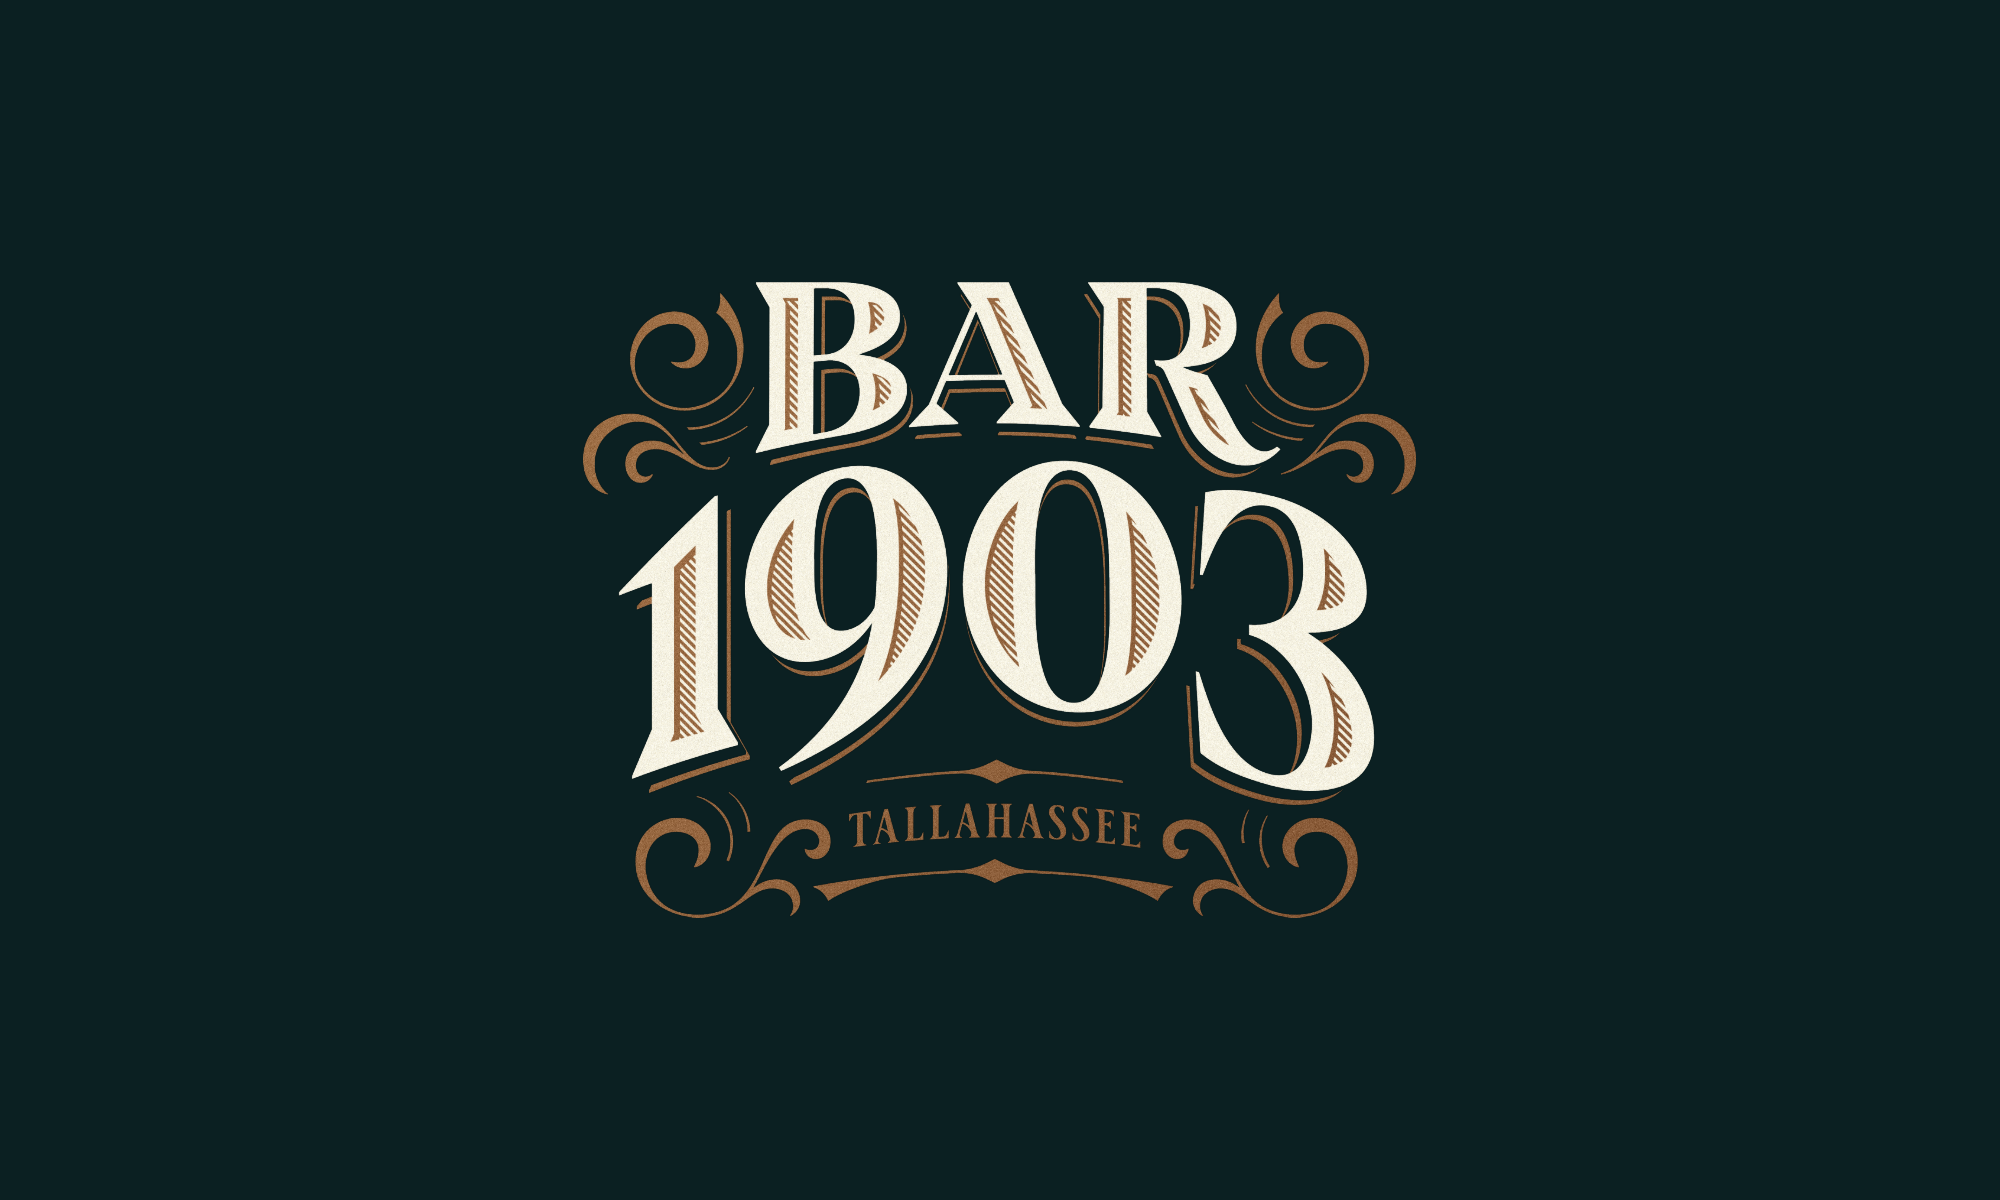 Bar 1903